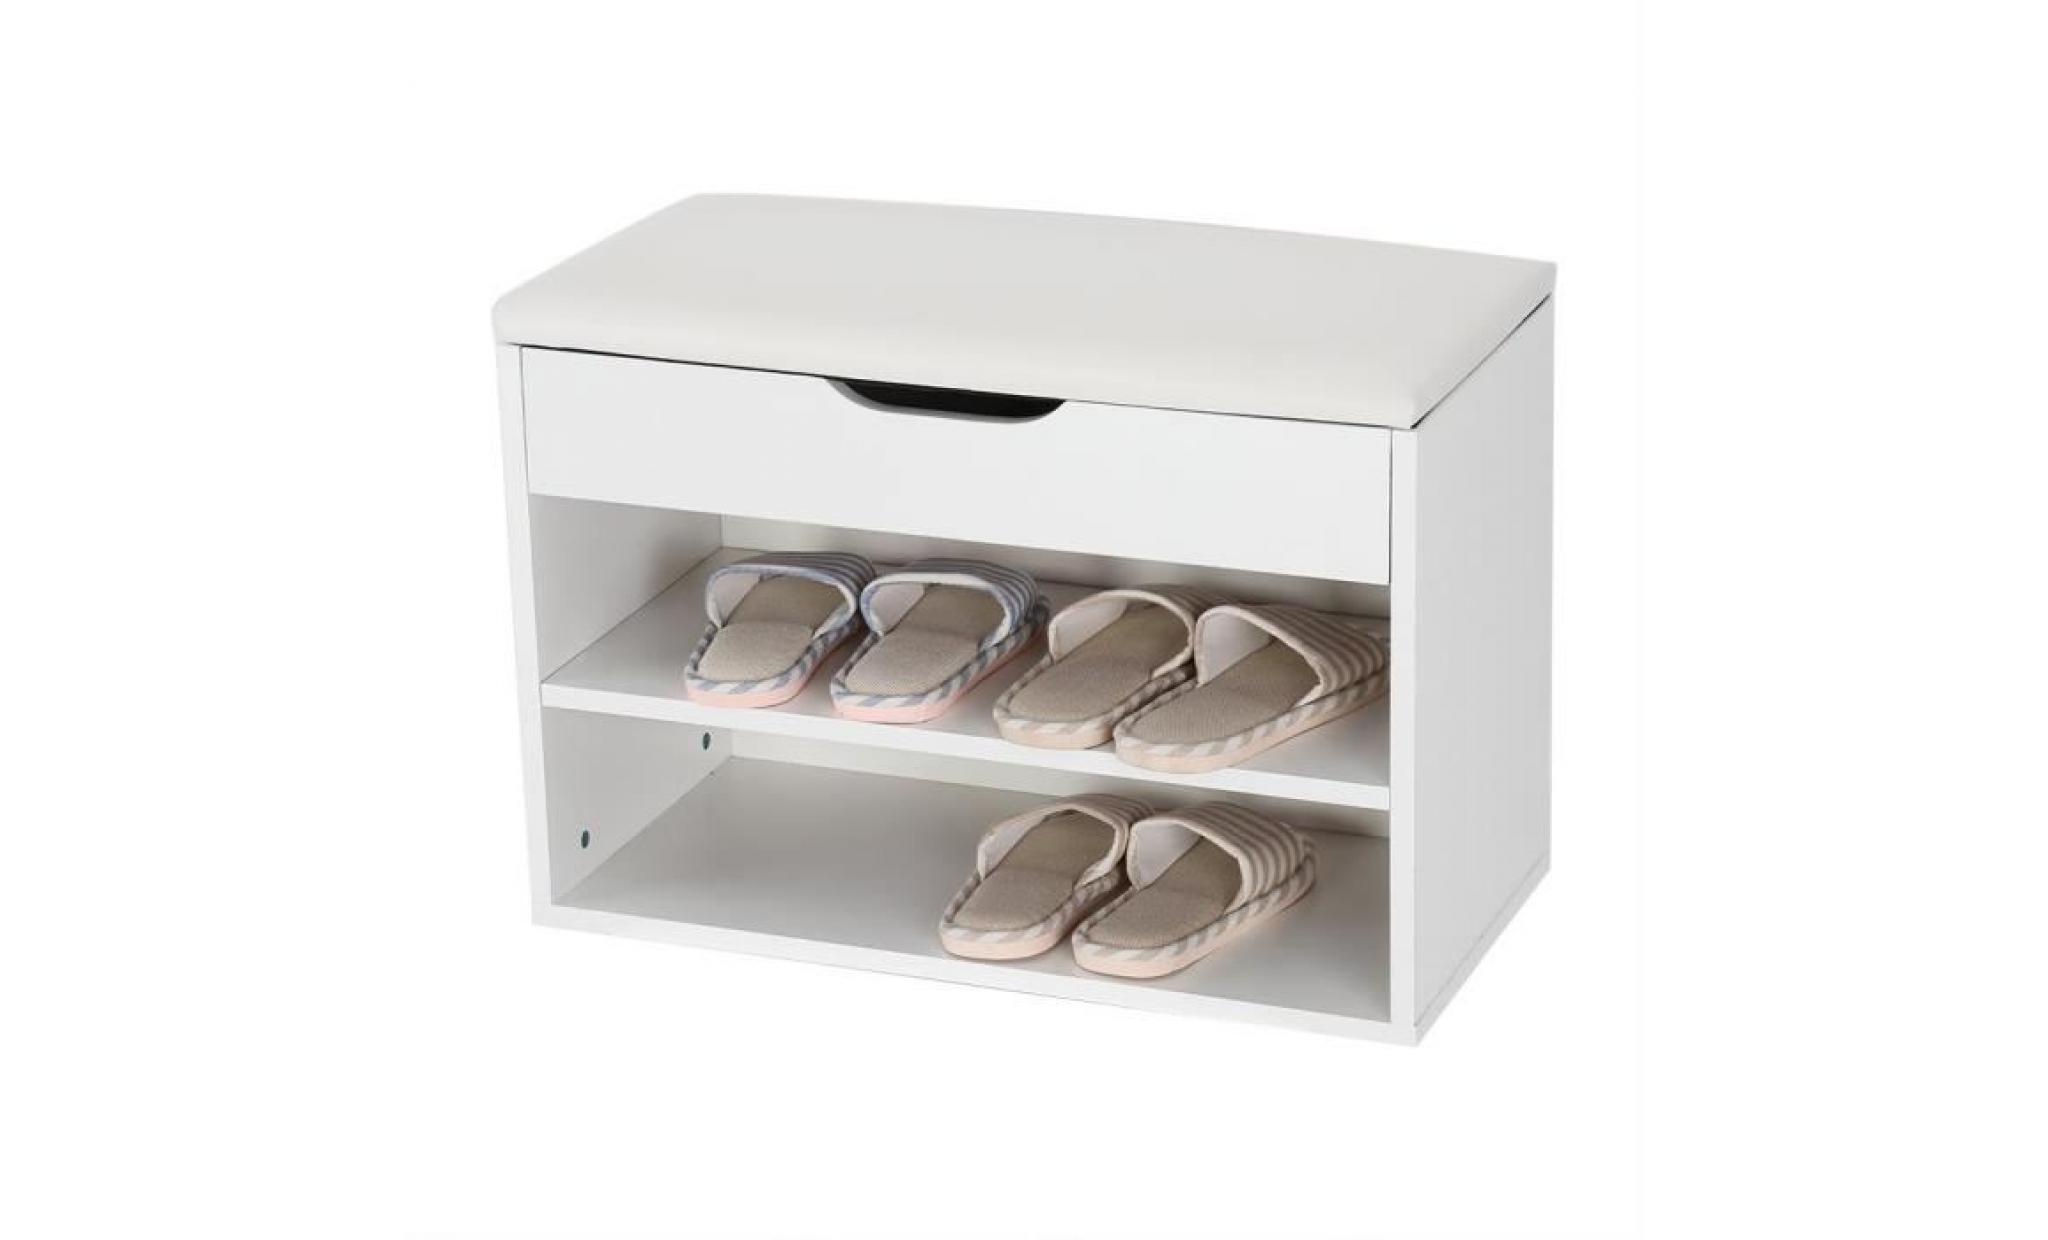 armoire à chaussures, meuble à chaussures d'entrée, banc à chaussures, Étagère à chaussures avec siège